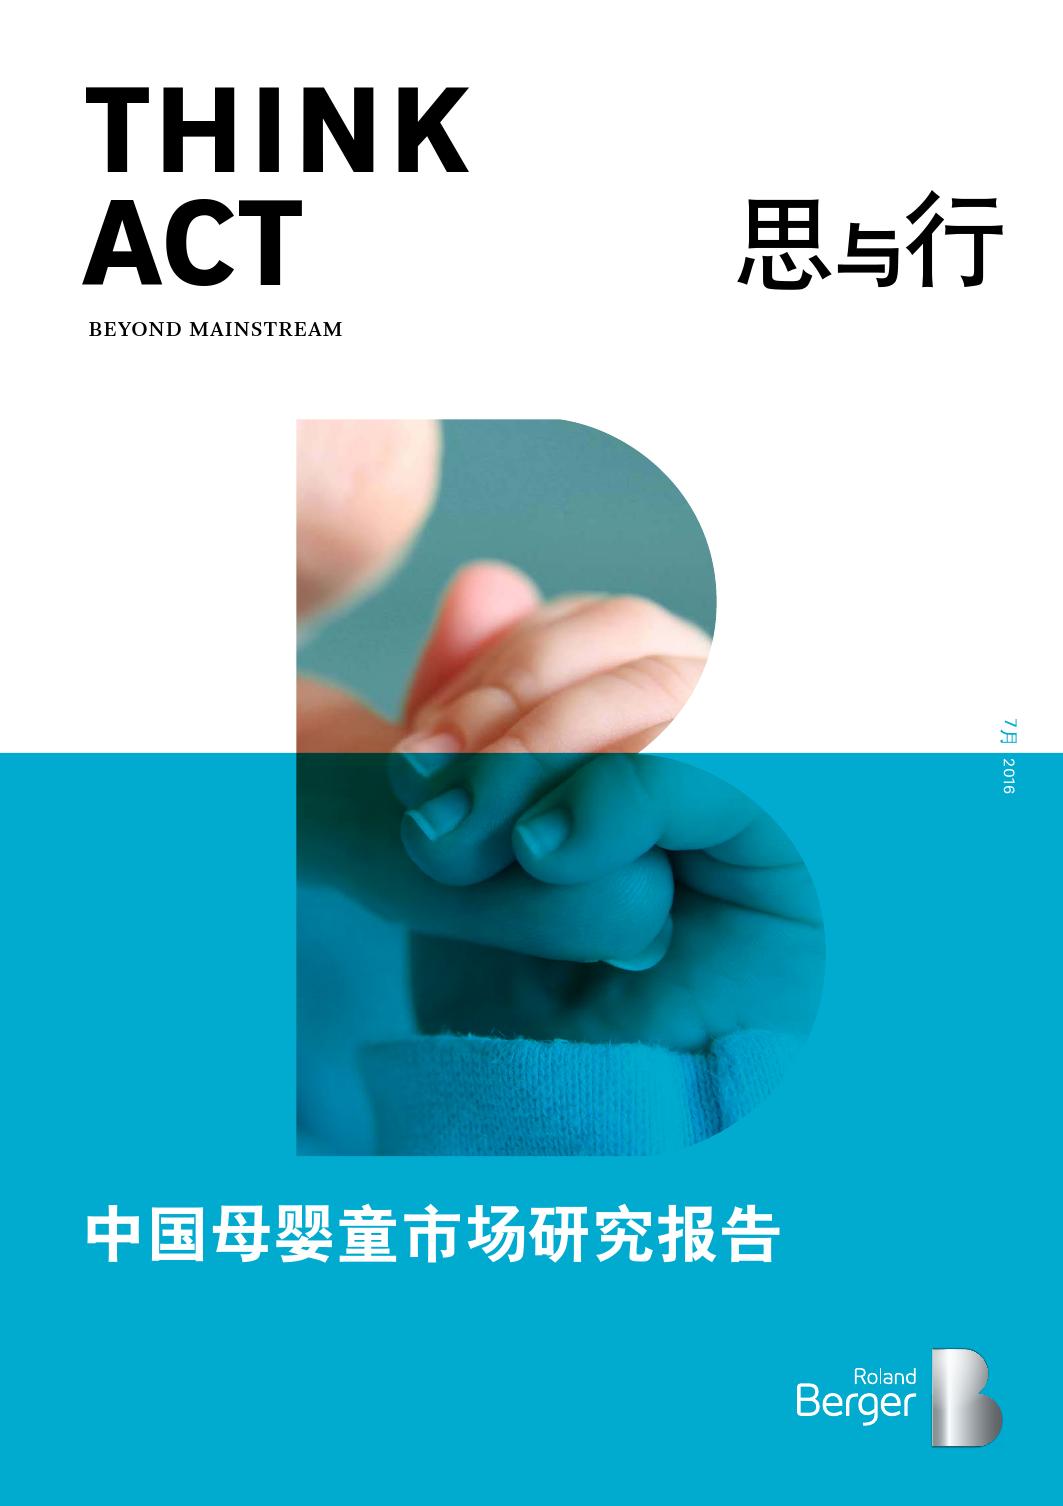 罗兰贝:2016中国母婴童市场研究报告_000001